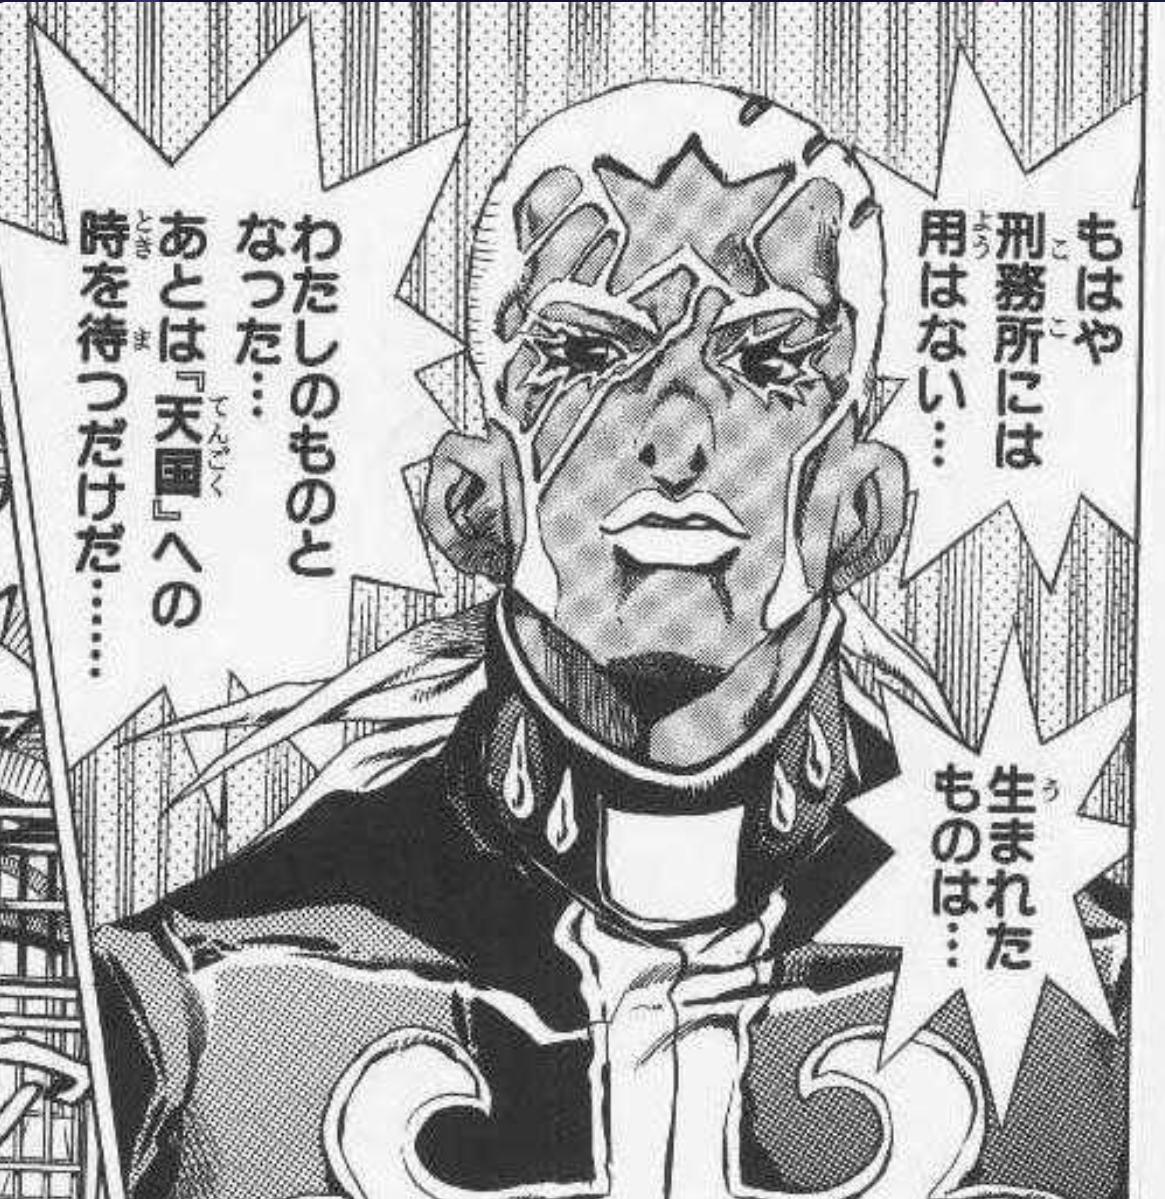 六部 アニメ ジョジョ